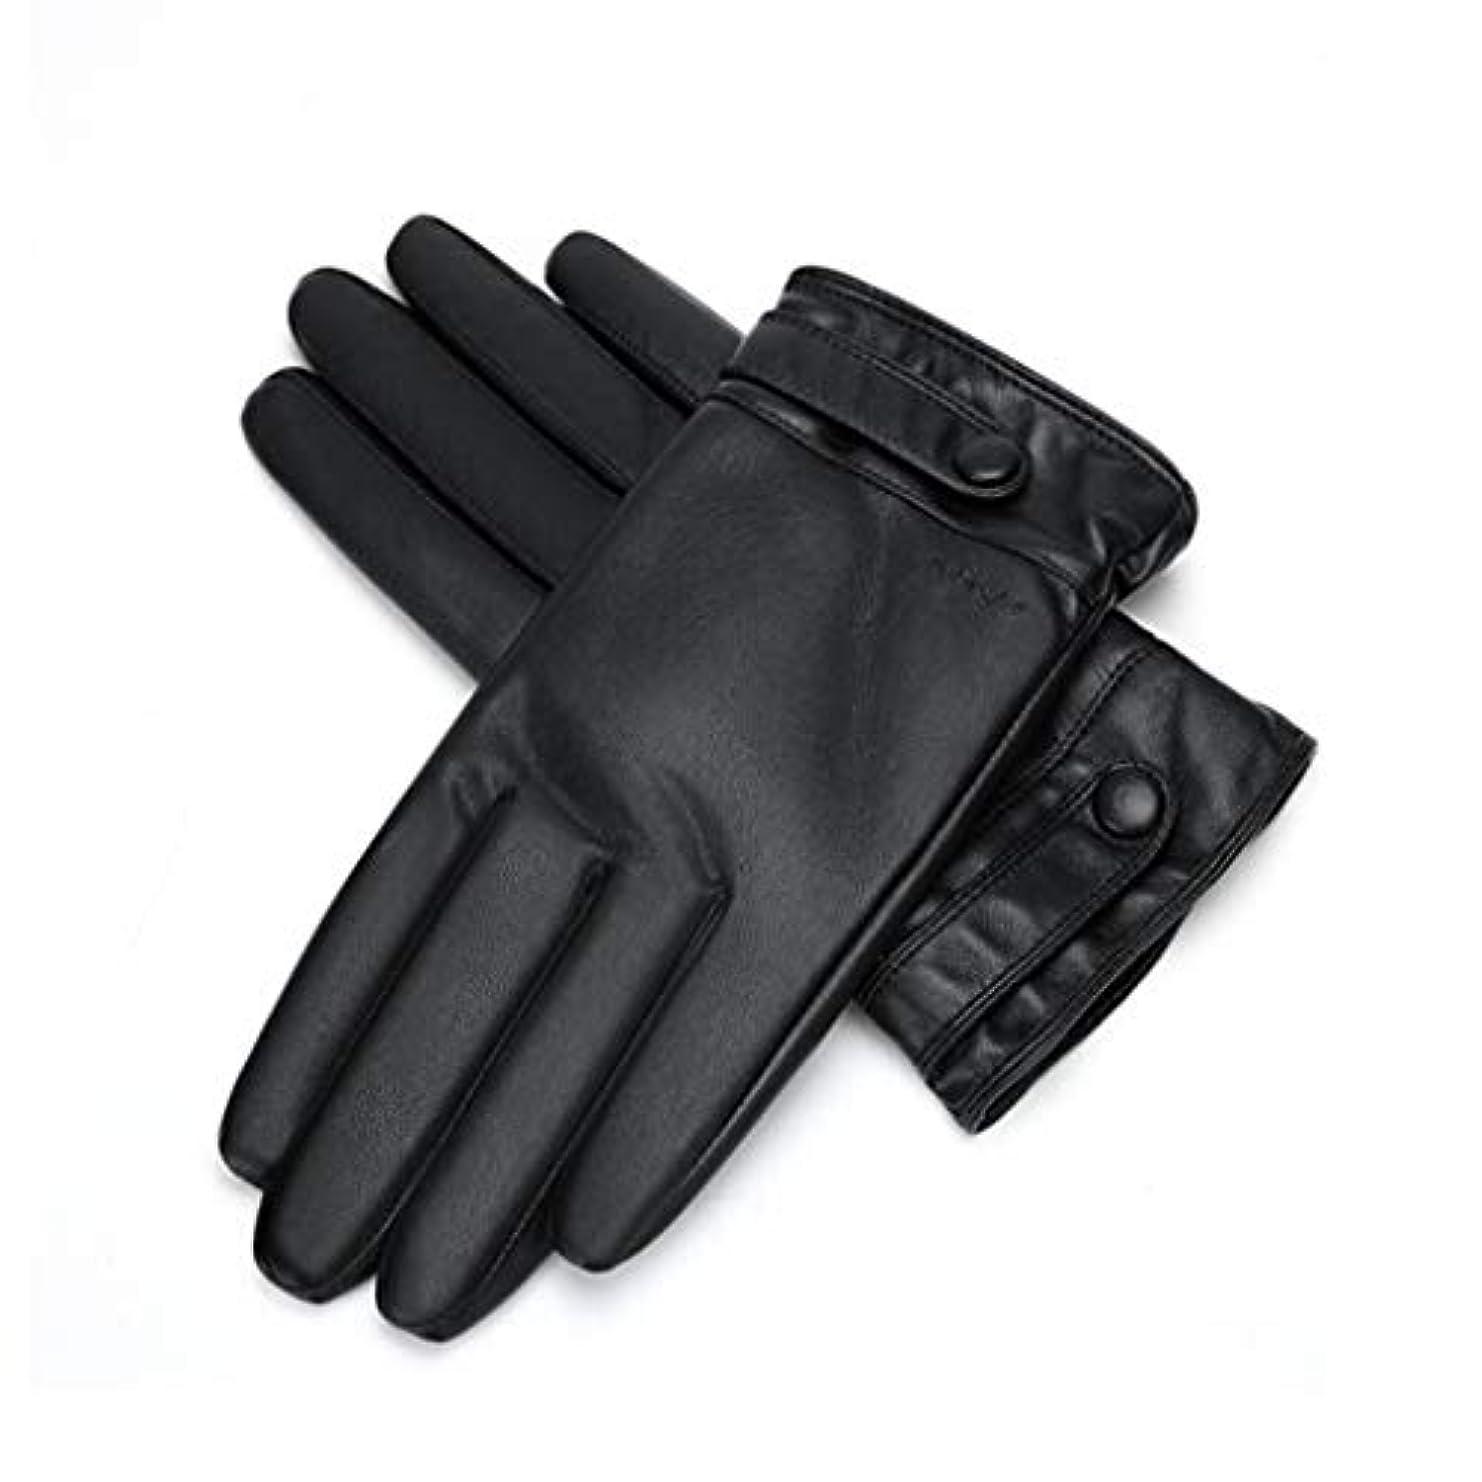 ボウリングフレキシブルレイプ暖かい秋と冬を保つためにメンズ革手袋のタッチスクリーンメンズ自転車厚いぬいぐるみ手袋 (サイズ さいず : L21*8.9cm)